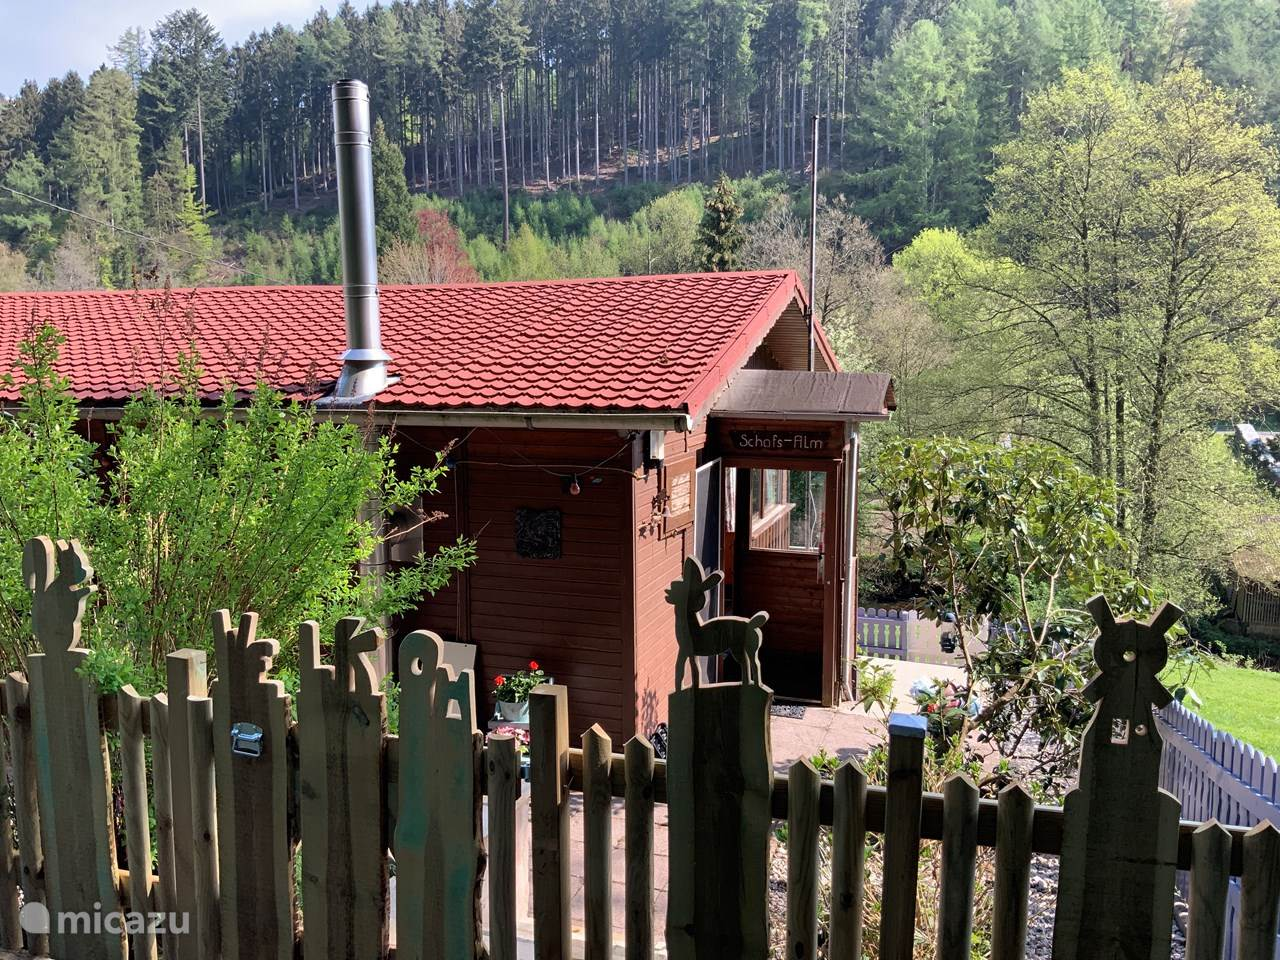 Vakantiehuis Duitsland – chalet Schafs-Alm